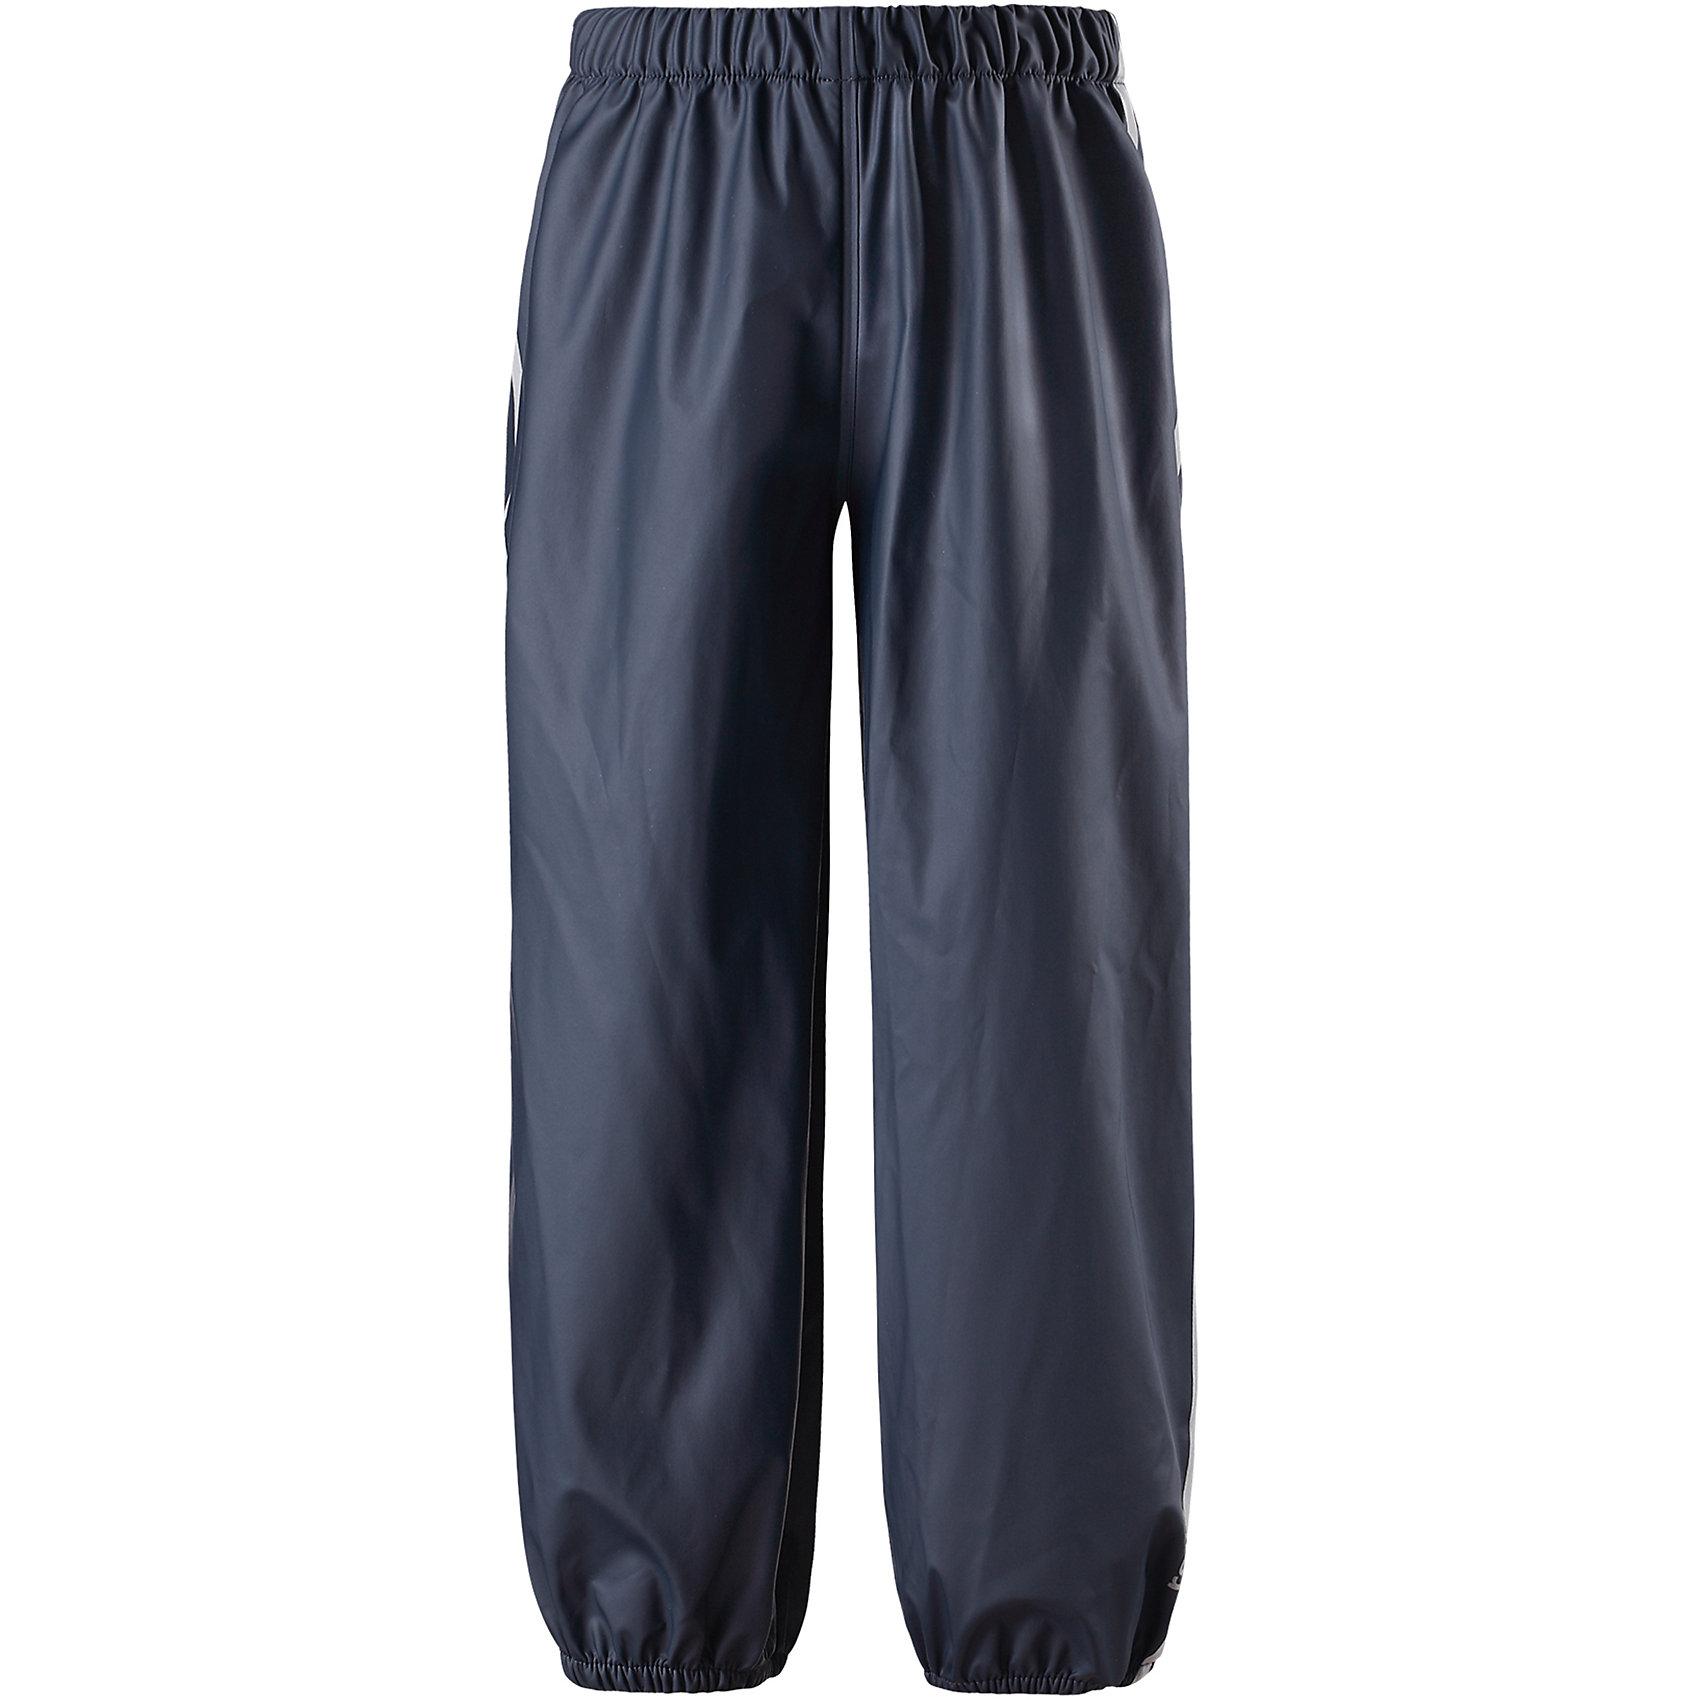 Непромокаемые брюки Oja ReimaОдежда<br>Характеристики товара:<br><br>• цвет: темно-синий<br>• состав: 100% полиэстер, полиуретановое покрытие<br>• температурный режим: от +10°до +20°С<br>• водонепроницаемость: 10000 мм<br>• без утеплителя<br>• эластичный материал<br>• водонепроницаемый материал с запаянными швами<br>• не содержит ПВХ<br>• эластичная талия<br>• эластичные манжеты на брючинах<br>• комфортная посадка<br>• съемные штрипки в размерах от 104 до 128 см<br>• светоотражающие детали<br>• страна производства: Китай<br>• страна бренда: Финляндия<br>• коллекция: весна-лето 2017<br><br>Демисезонные брюки помогут обеспечить ребенку комфорт и тепло. Они отлично смотрятся с различным верхом. Изделие удобно сидит и модно выглядит. Материал отлично подходит для дождливой погоды. Стильный дизайн разрабатывался специально для детей.<br><br>Обувь и одежда от финского бренда Reima пользуются популярностью во многих странах. Они стильные, качественные и удобные. Для производства продукции используются только безопасные, проверенные материалы и фурнитура. Порадуйте ребенка модными и красивыми вещами от Lassie®! <br><br>Брюки от финского бренда Reima (Рейма) можно купить в нашем интернет-магазине.<br><br>Ширина мм: 215<br>Глубина мм: 88<br>Высота мм: 191<br>Вес г: 336<br>Цвет: темно-синий<br>Возраст от месяцев: 96<br>Возраст до месяцев: 108<br>Пол: Унисекс<br>Возраст: Детский<br>Размер: 134,140,104,110,116,122,128<br>SKU: 5268234